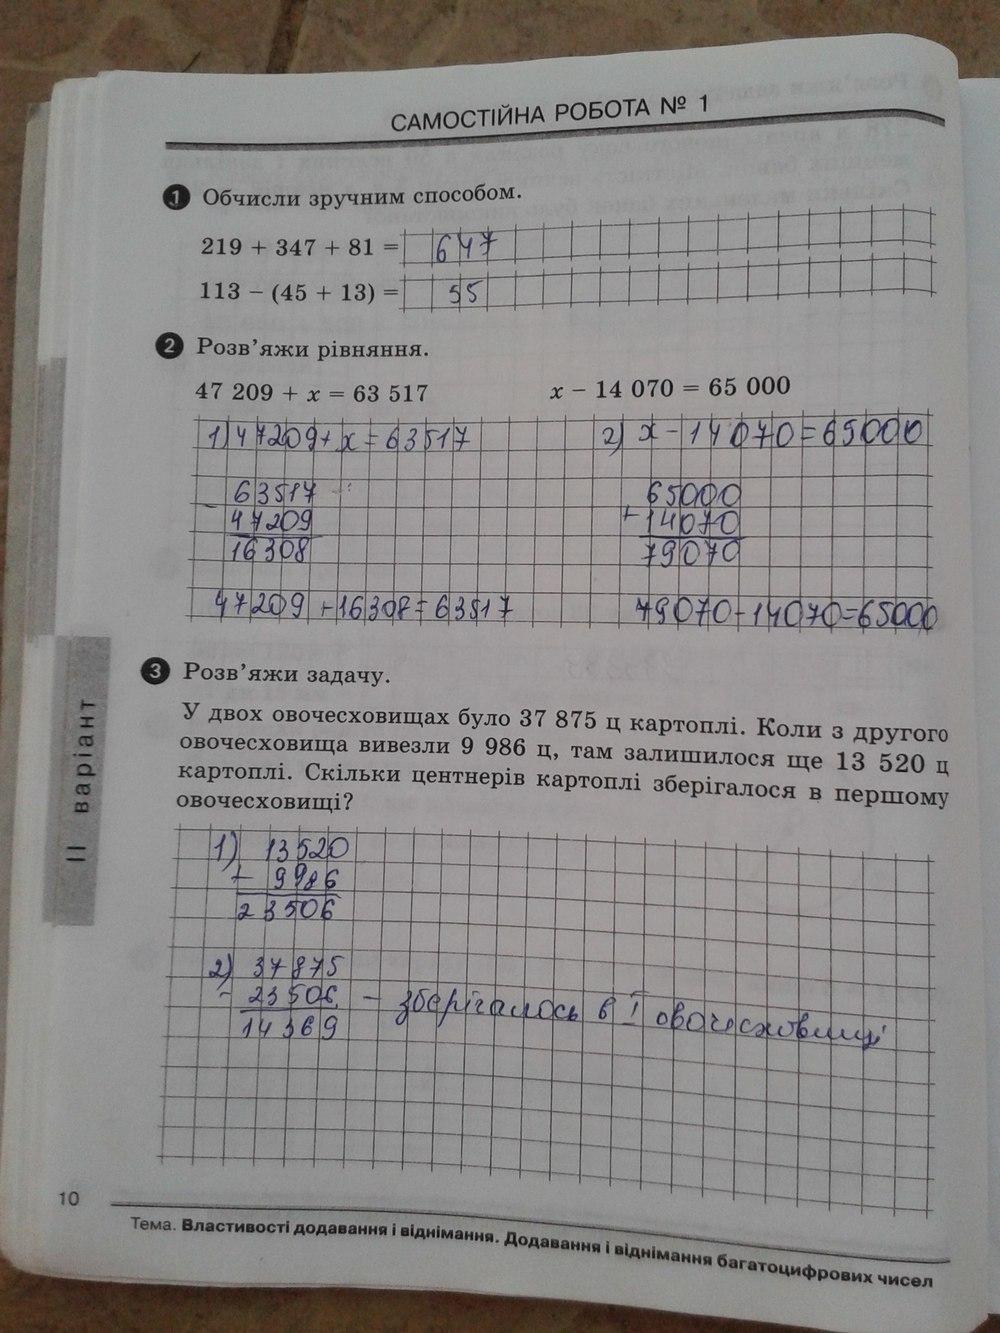 ГДЗ відповіді робочий зошит по математике 4 класс Богданович М.В.. Задание: стр. 10